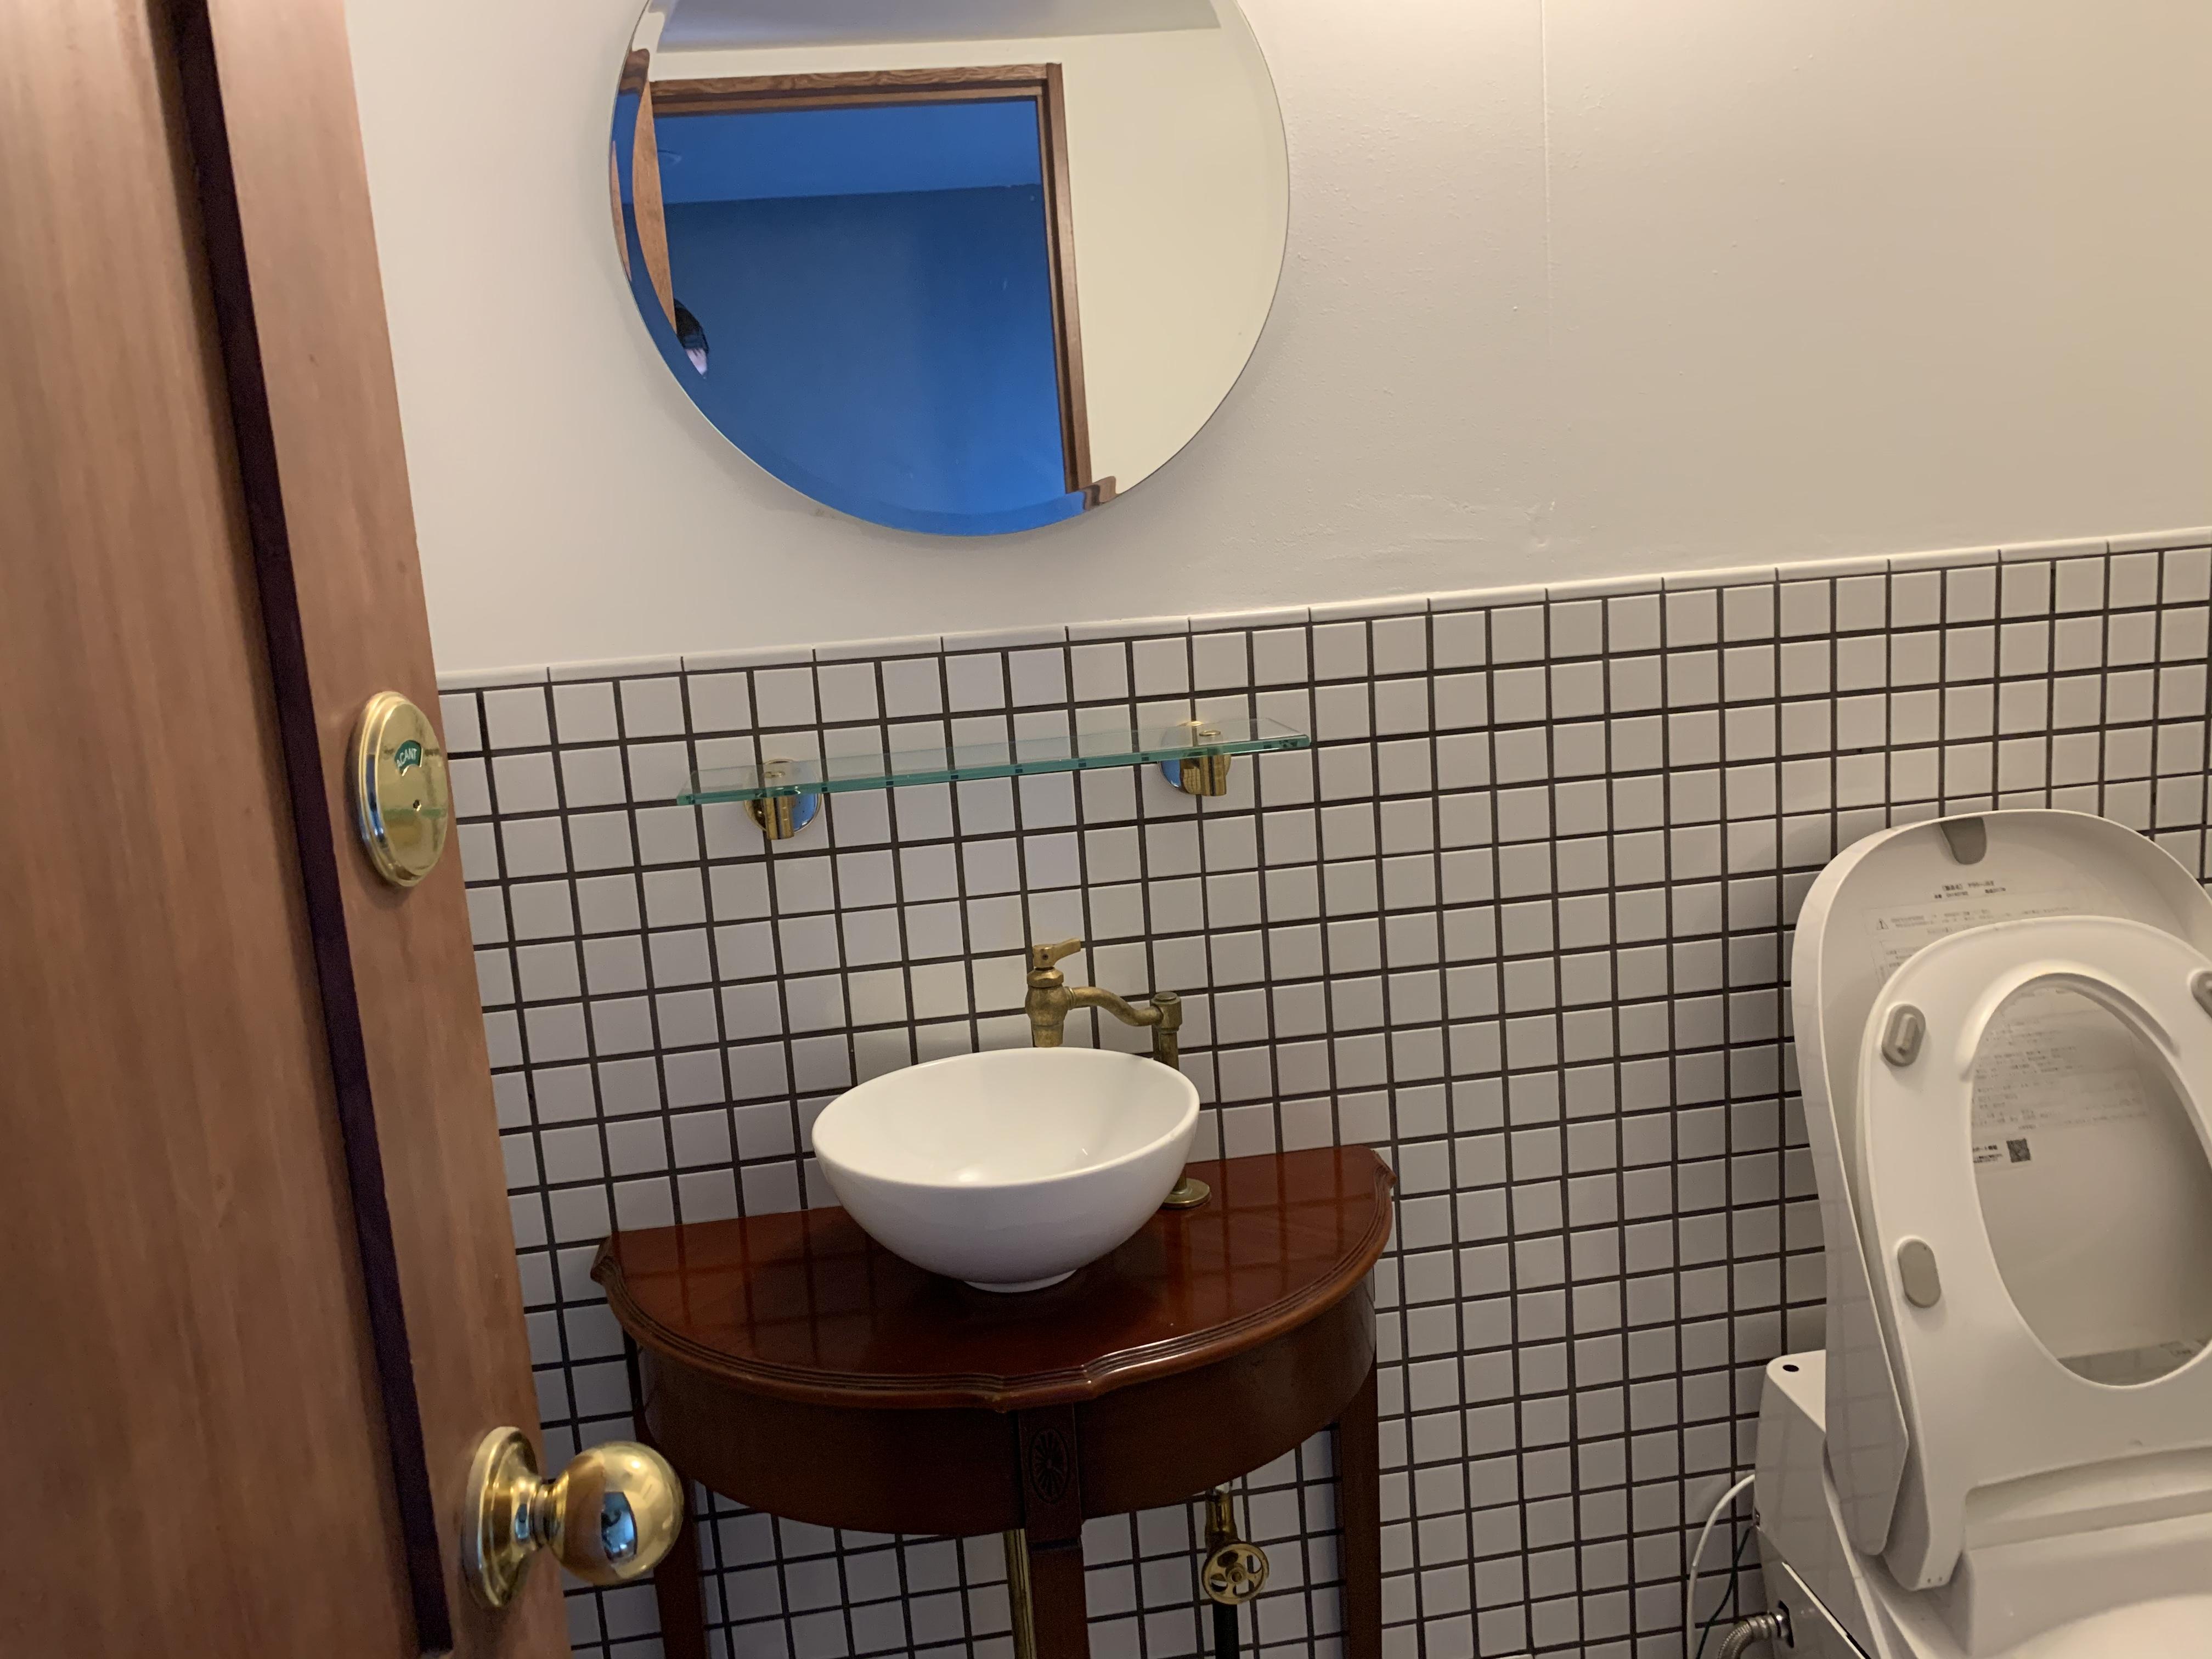 トイレも綺麗でお洒落 - bar102 カウンターバースペースの室内の写真